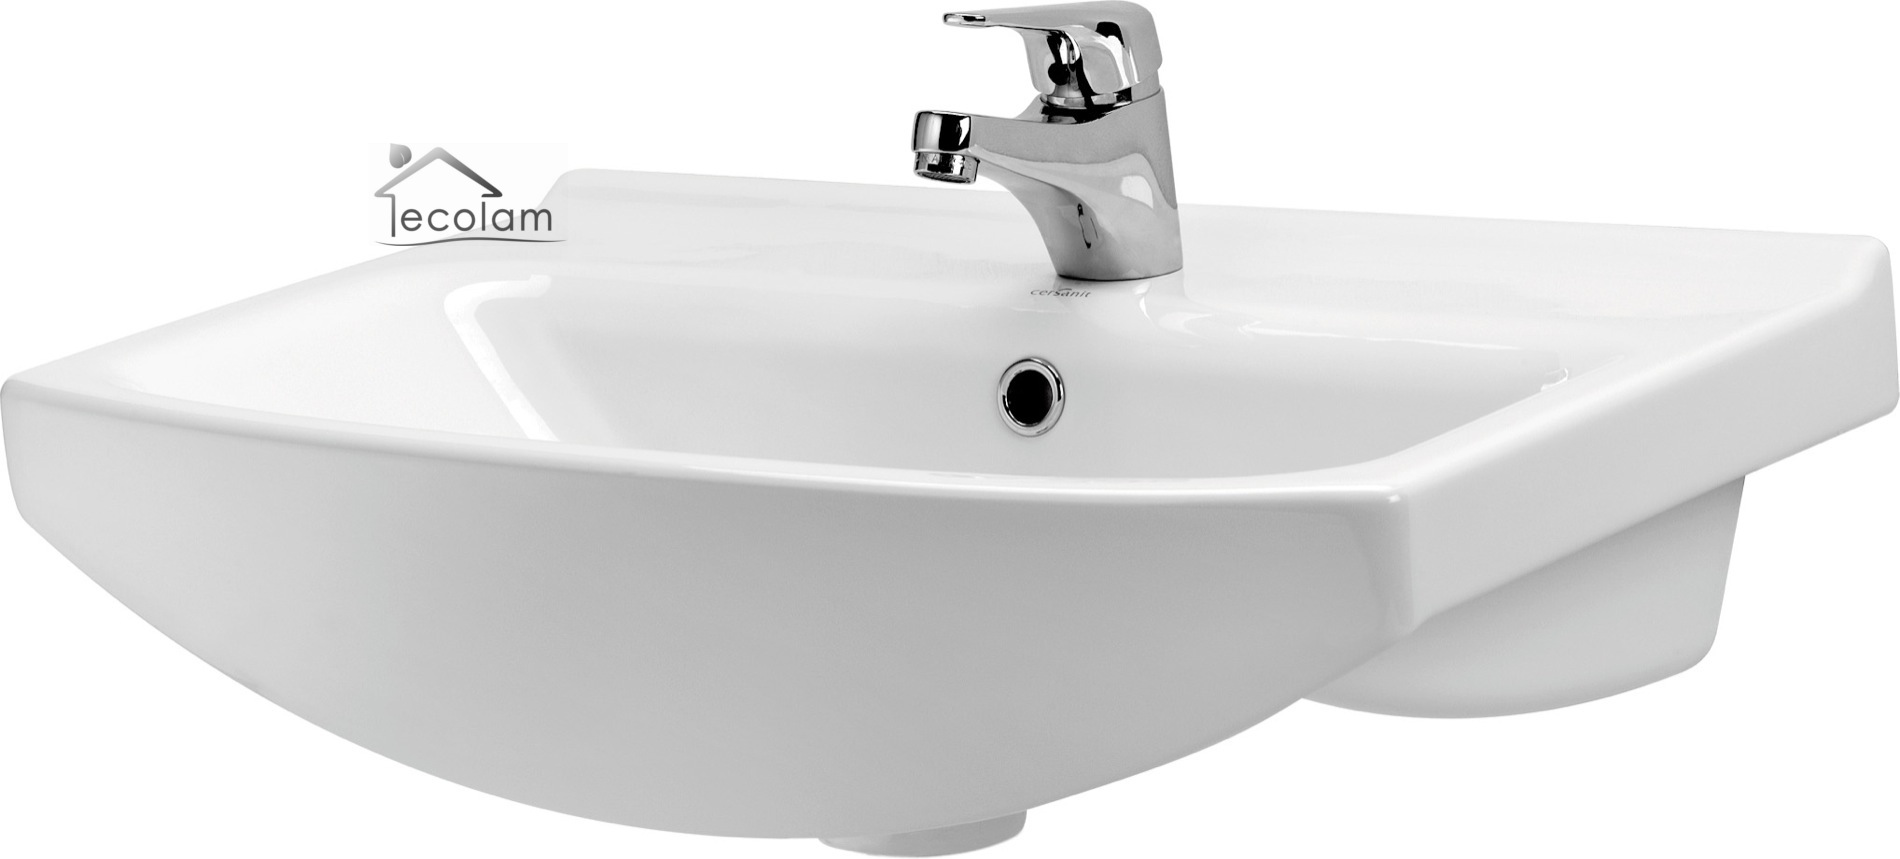 Waschbeckenunterschrank Icon : Unterschrank waschbecken ... | {Waschbeckenunterschrank hängend aufsatzwaschbecken 92}